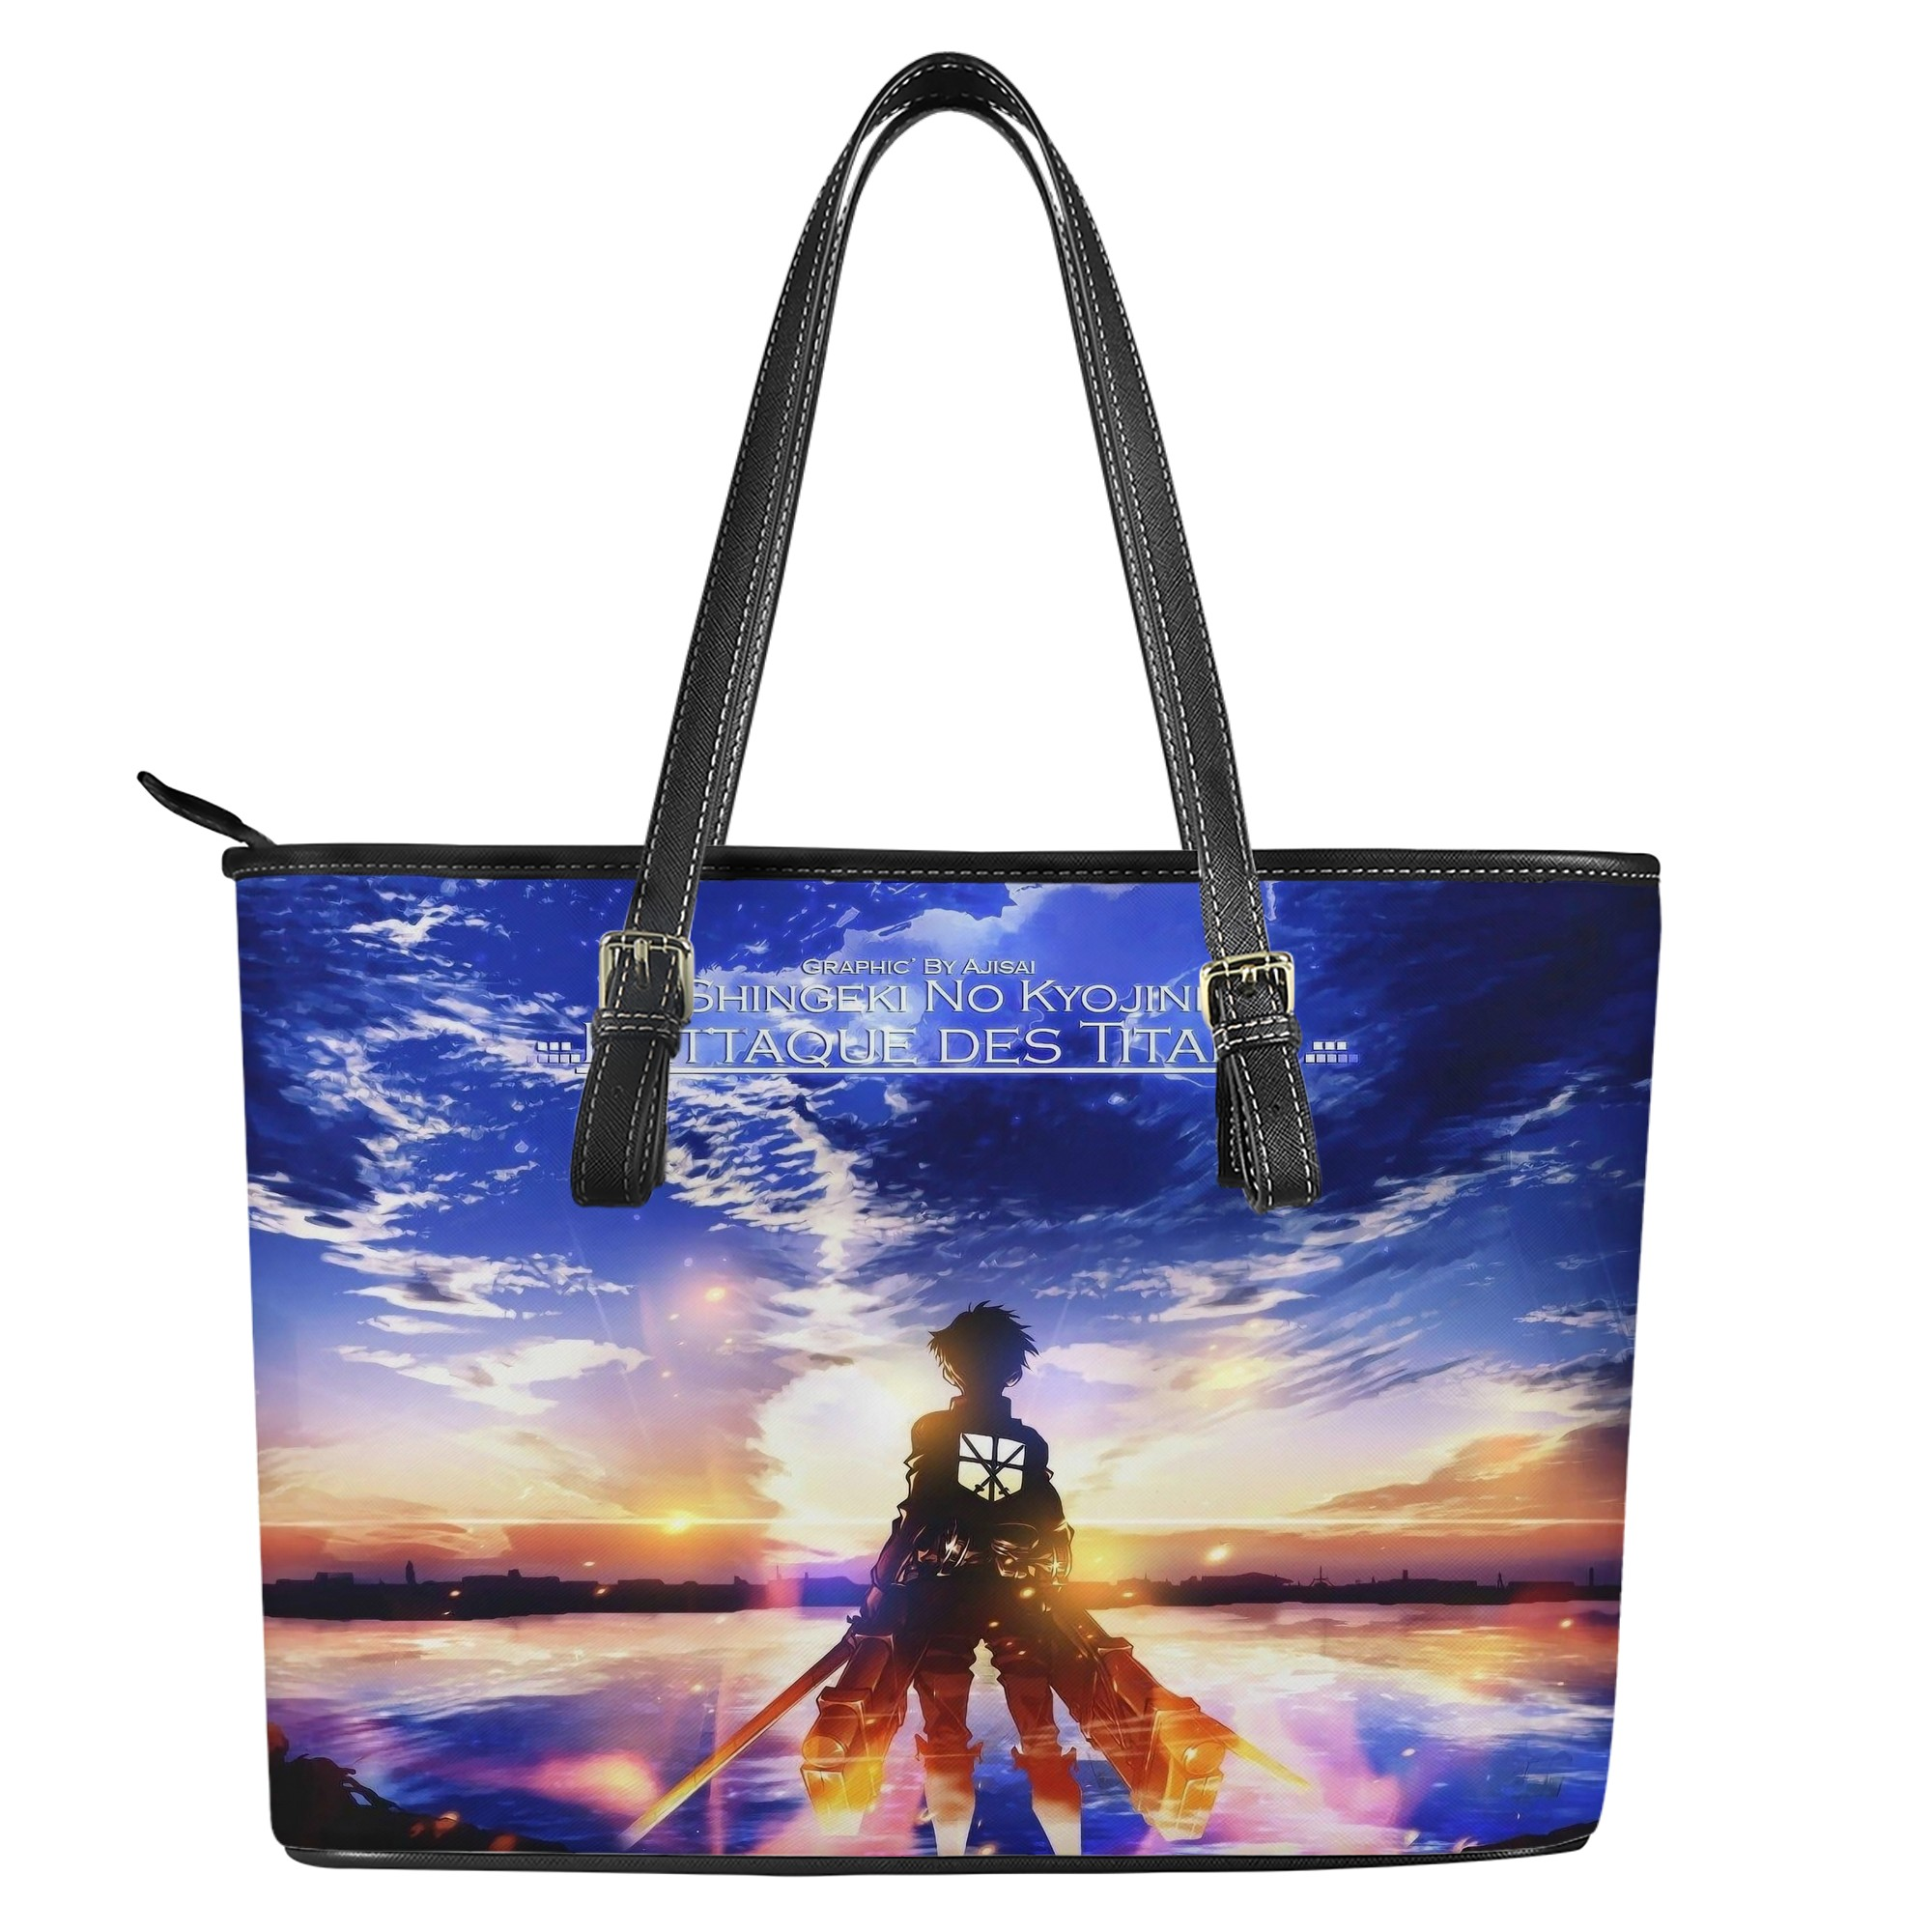 حقيبة يد نسائية من جلد البولي يوريثان ، حقيبة كتف نسائية مطبوعة ، حقيبة كتف ، 2021